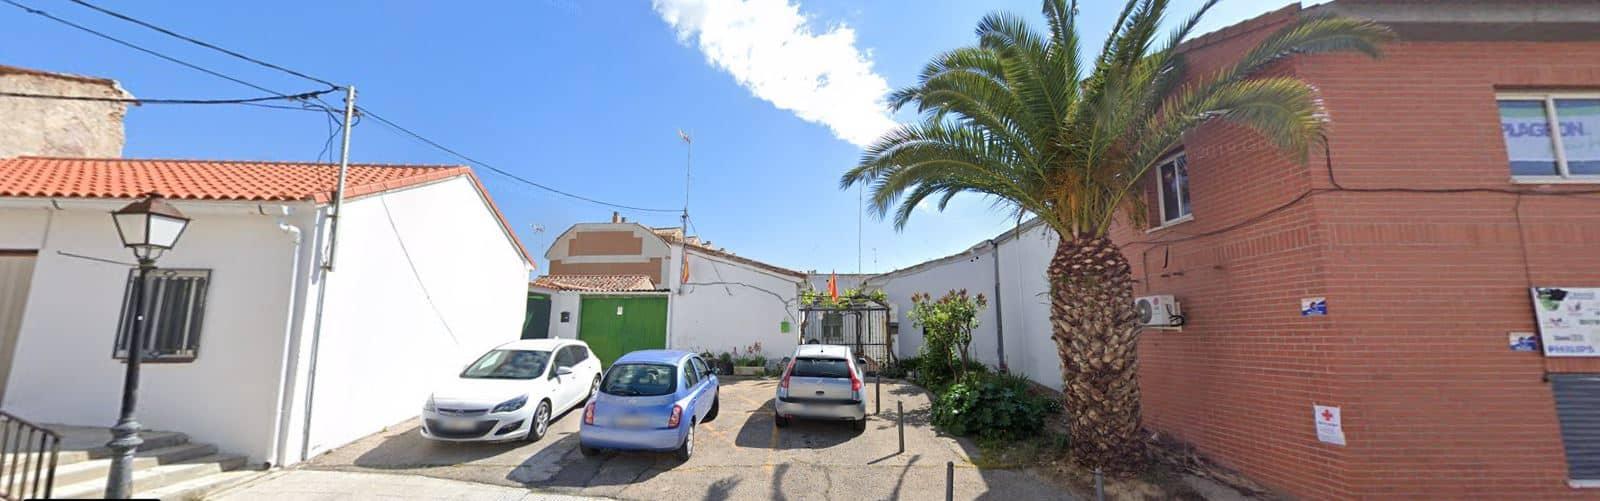 Registro civil - Ayuntamiento Serranillos del Valle